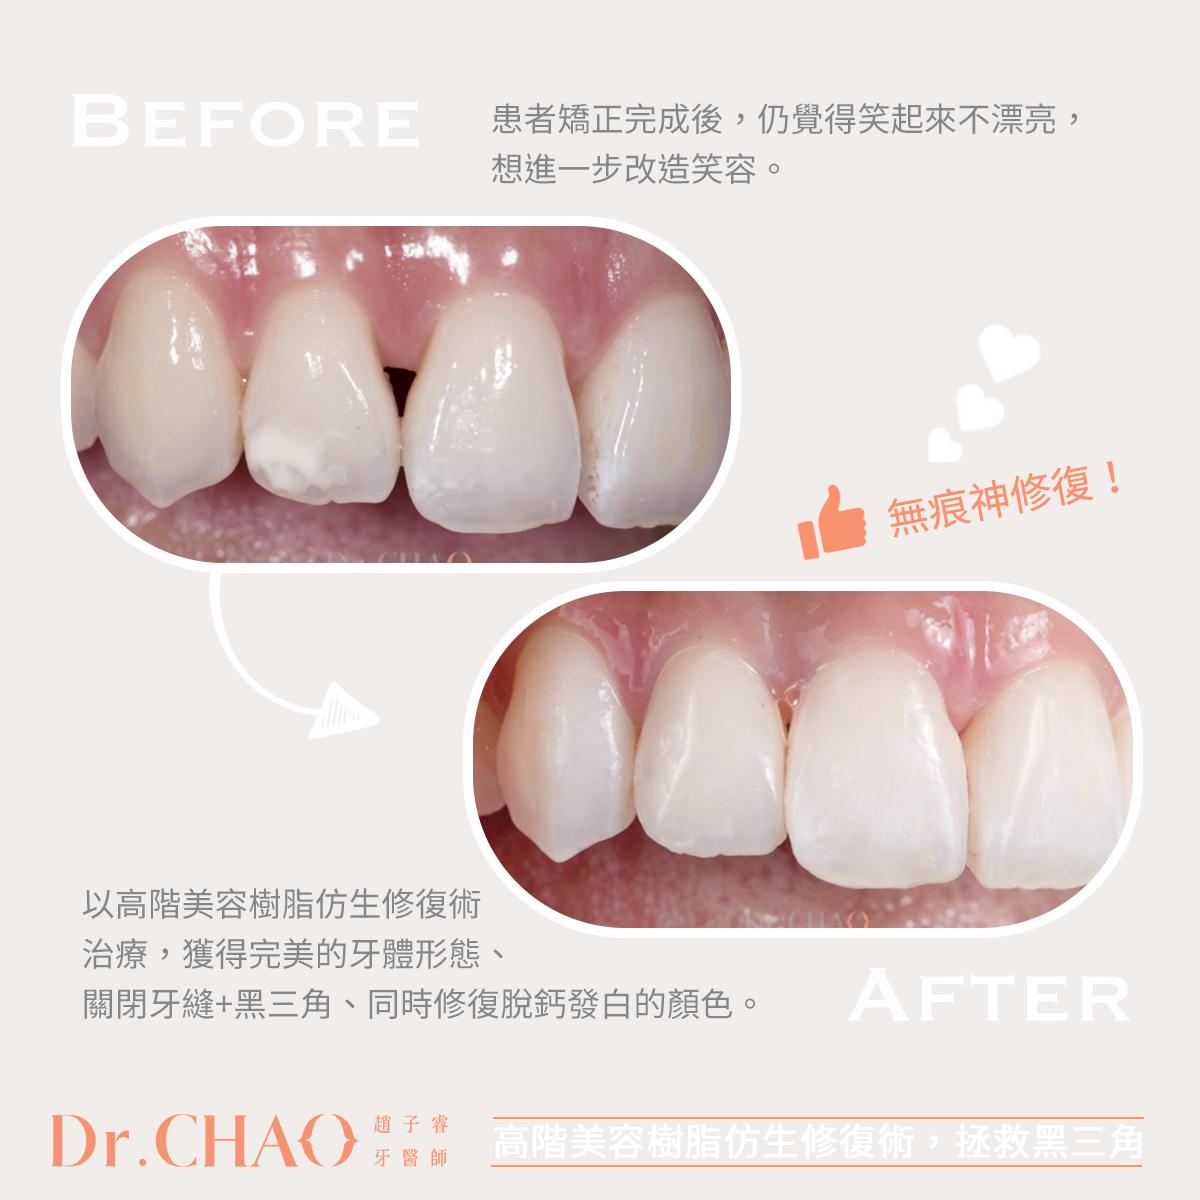 趙子睿醫師,利用高階美容樹脂仿生修復術,拯救病人嚴重影響美觀的牙縫黑三角。